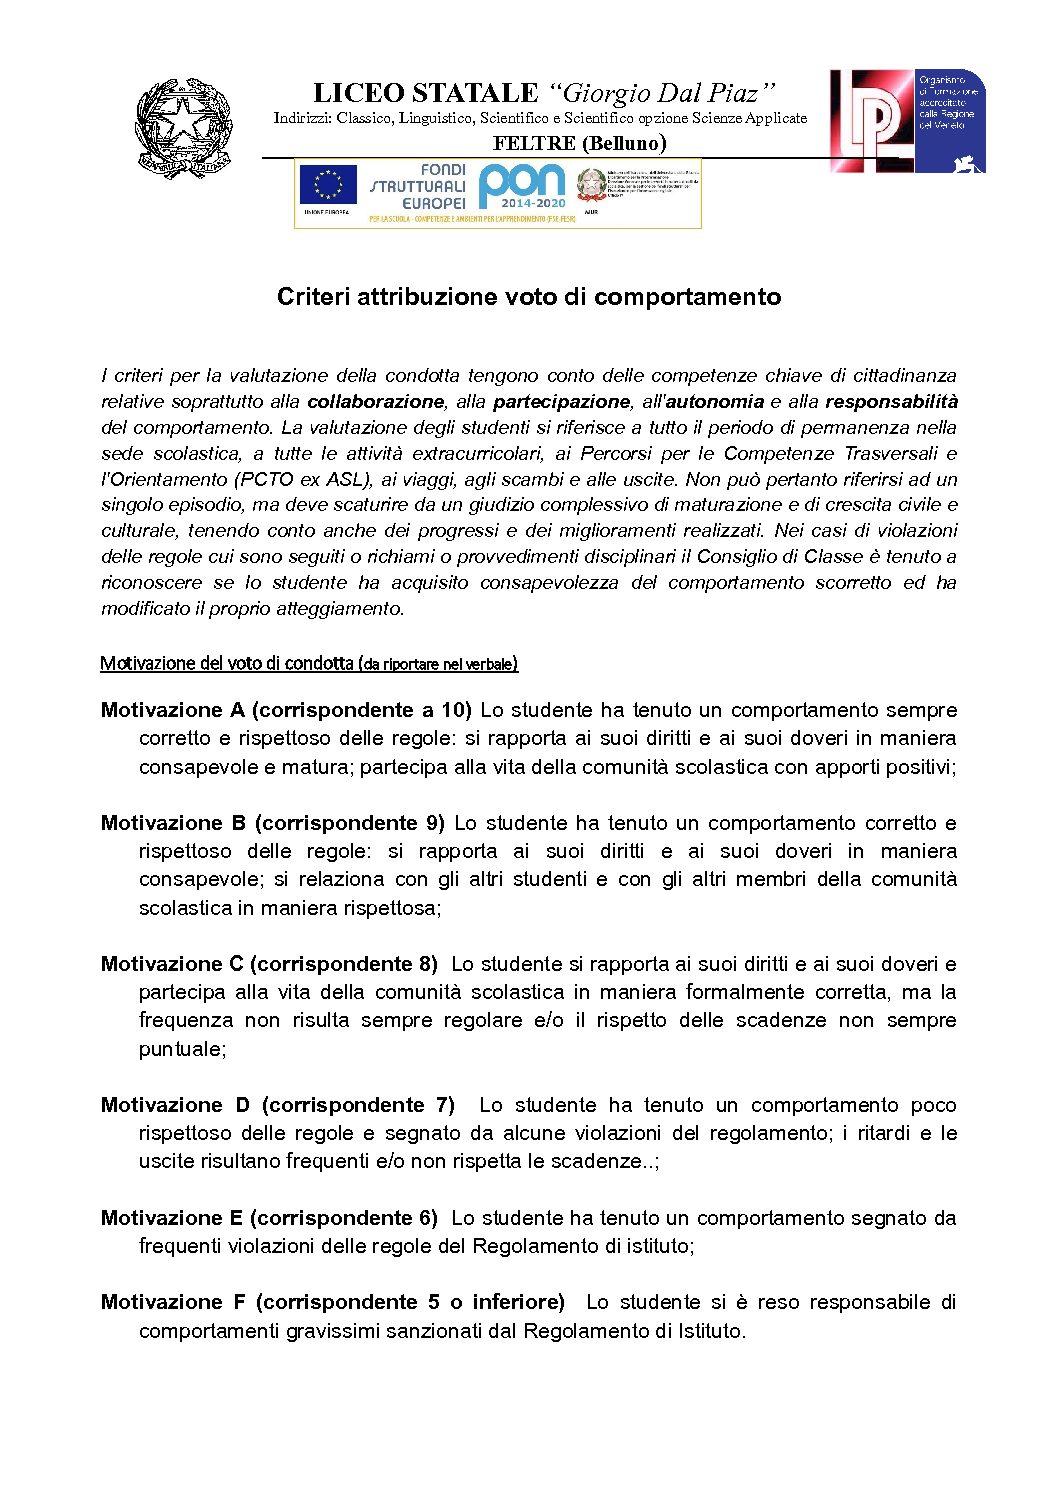 Criteri-di-attribuzione-voto-di-condotta